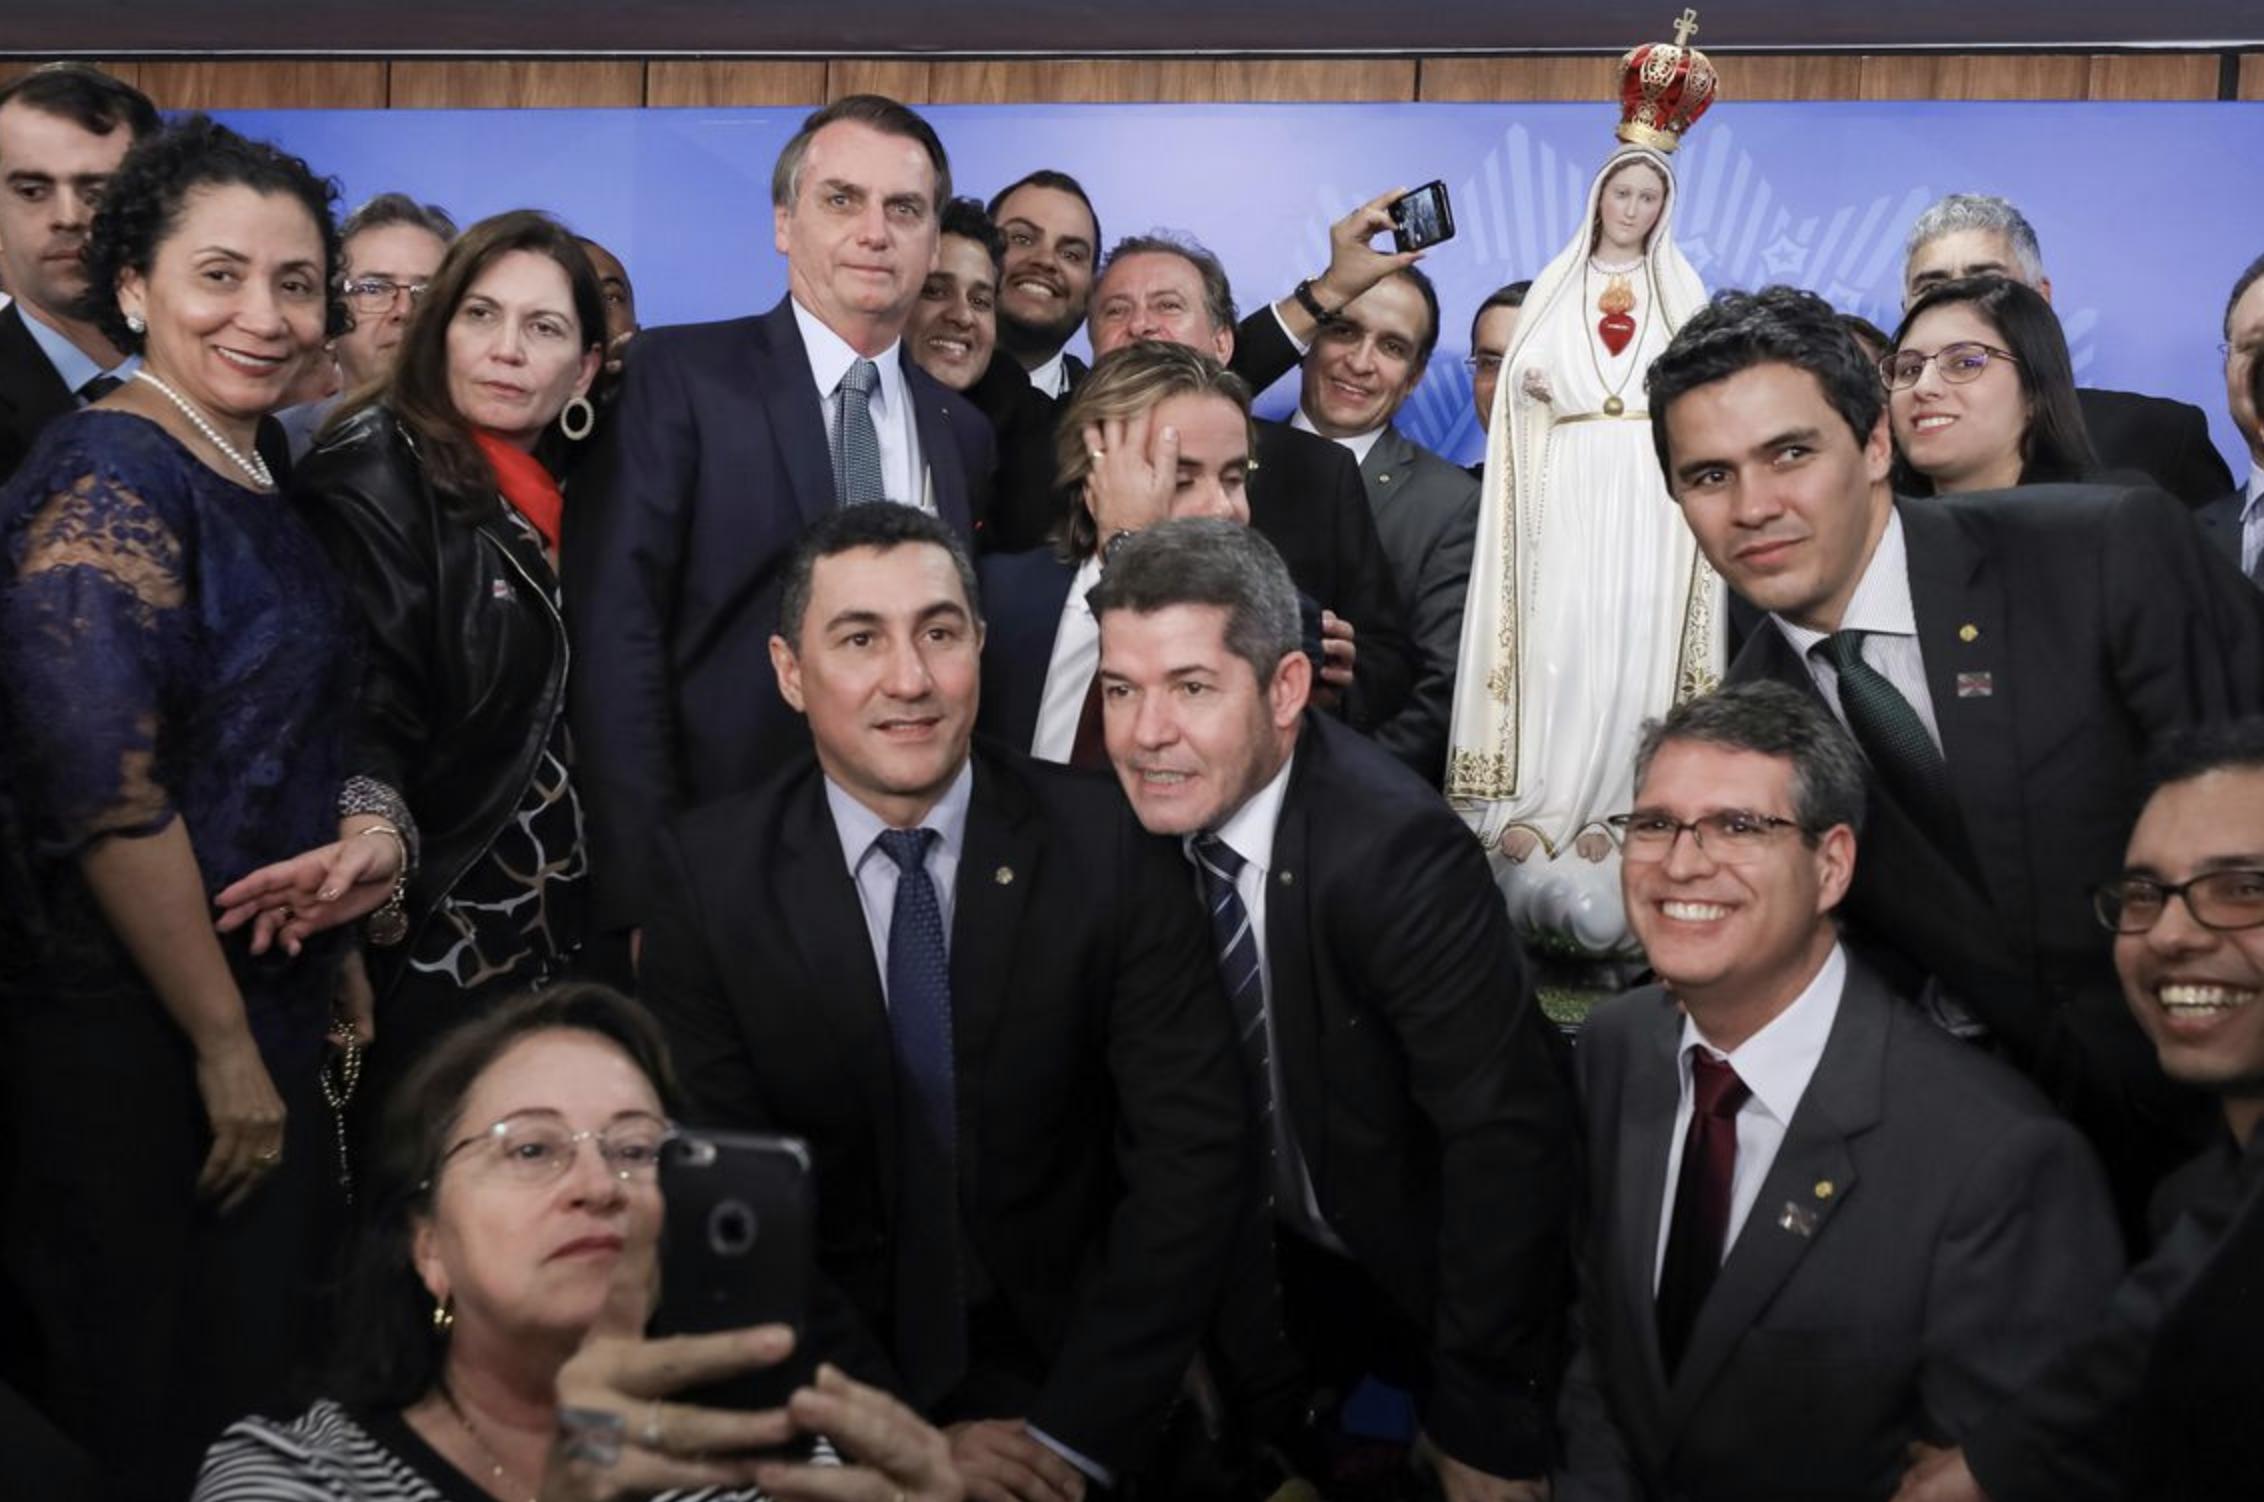 Altamiro Borges: Temendo fiasco, Bolsonaro recolhe arminha e desiste de ir ao ato